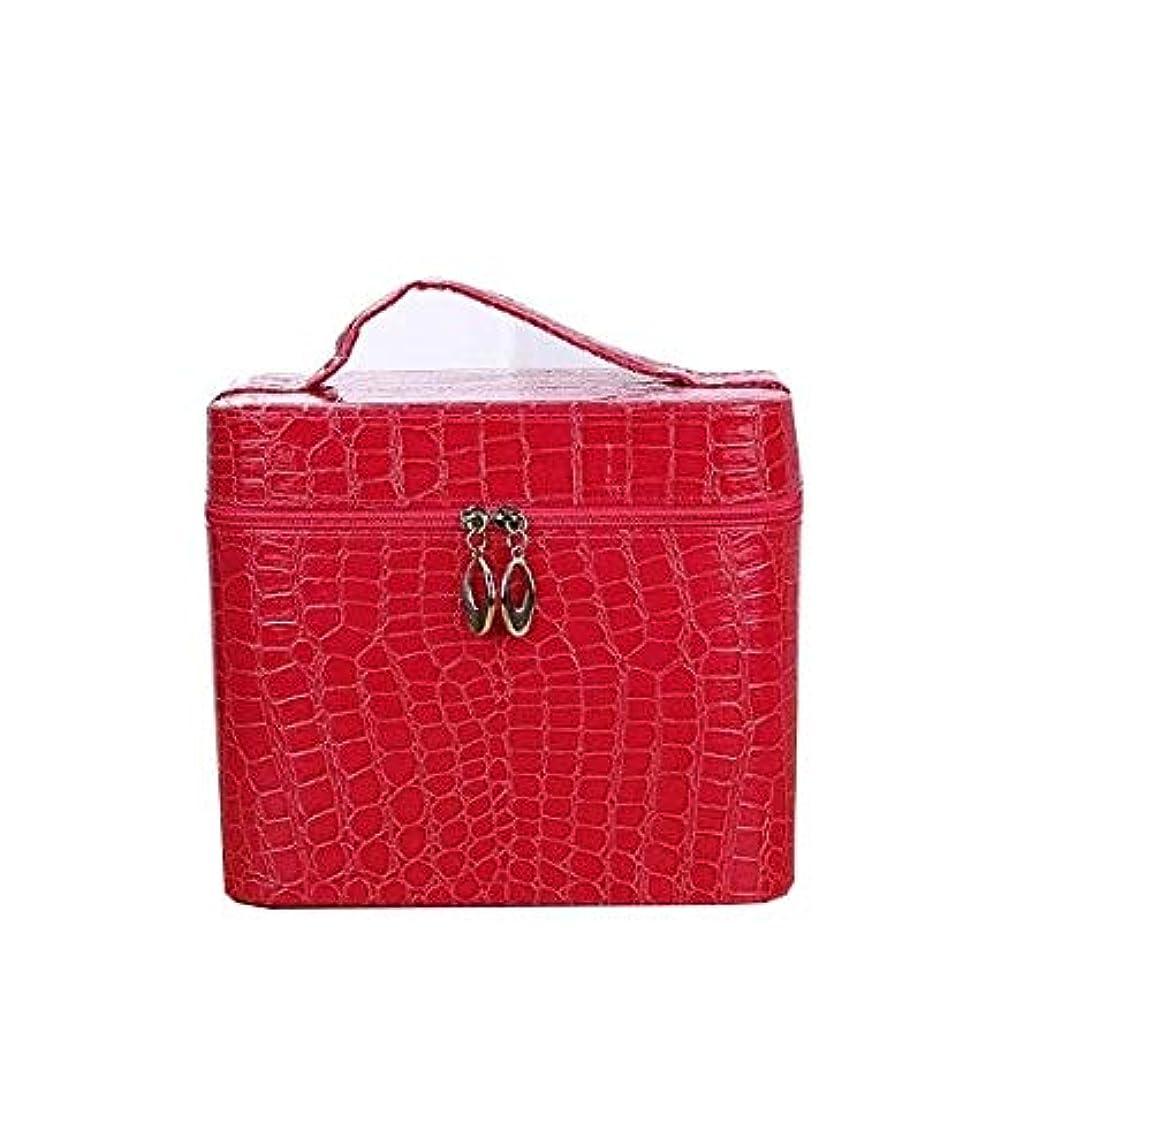 検査官黒板手当化粧箱、赤、黒ワニ革ポータブル化粧品バッグ、ポータブルポータブル旅行化粧品ケース、美容ネイルジュエリー収納ボックス (Color : Red)